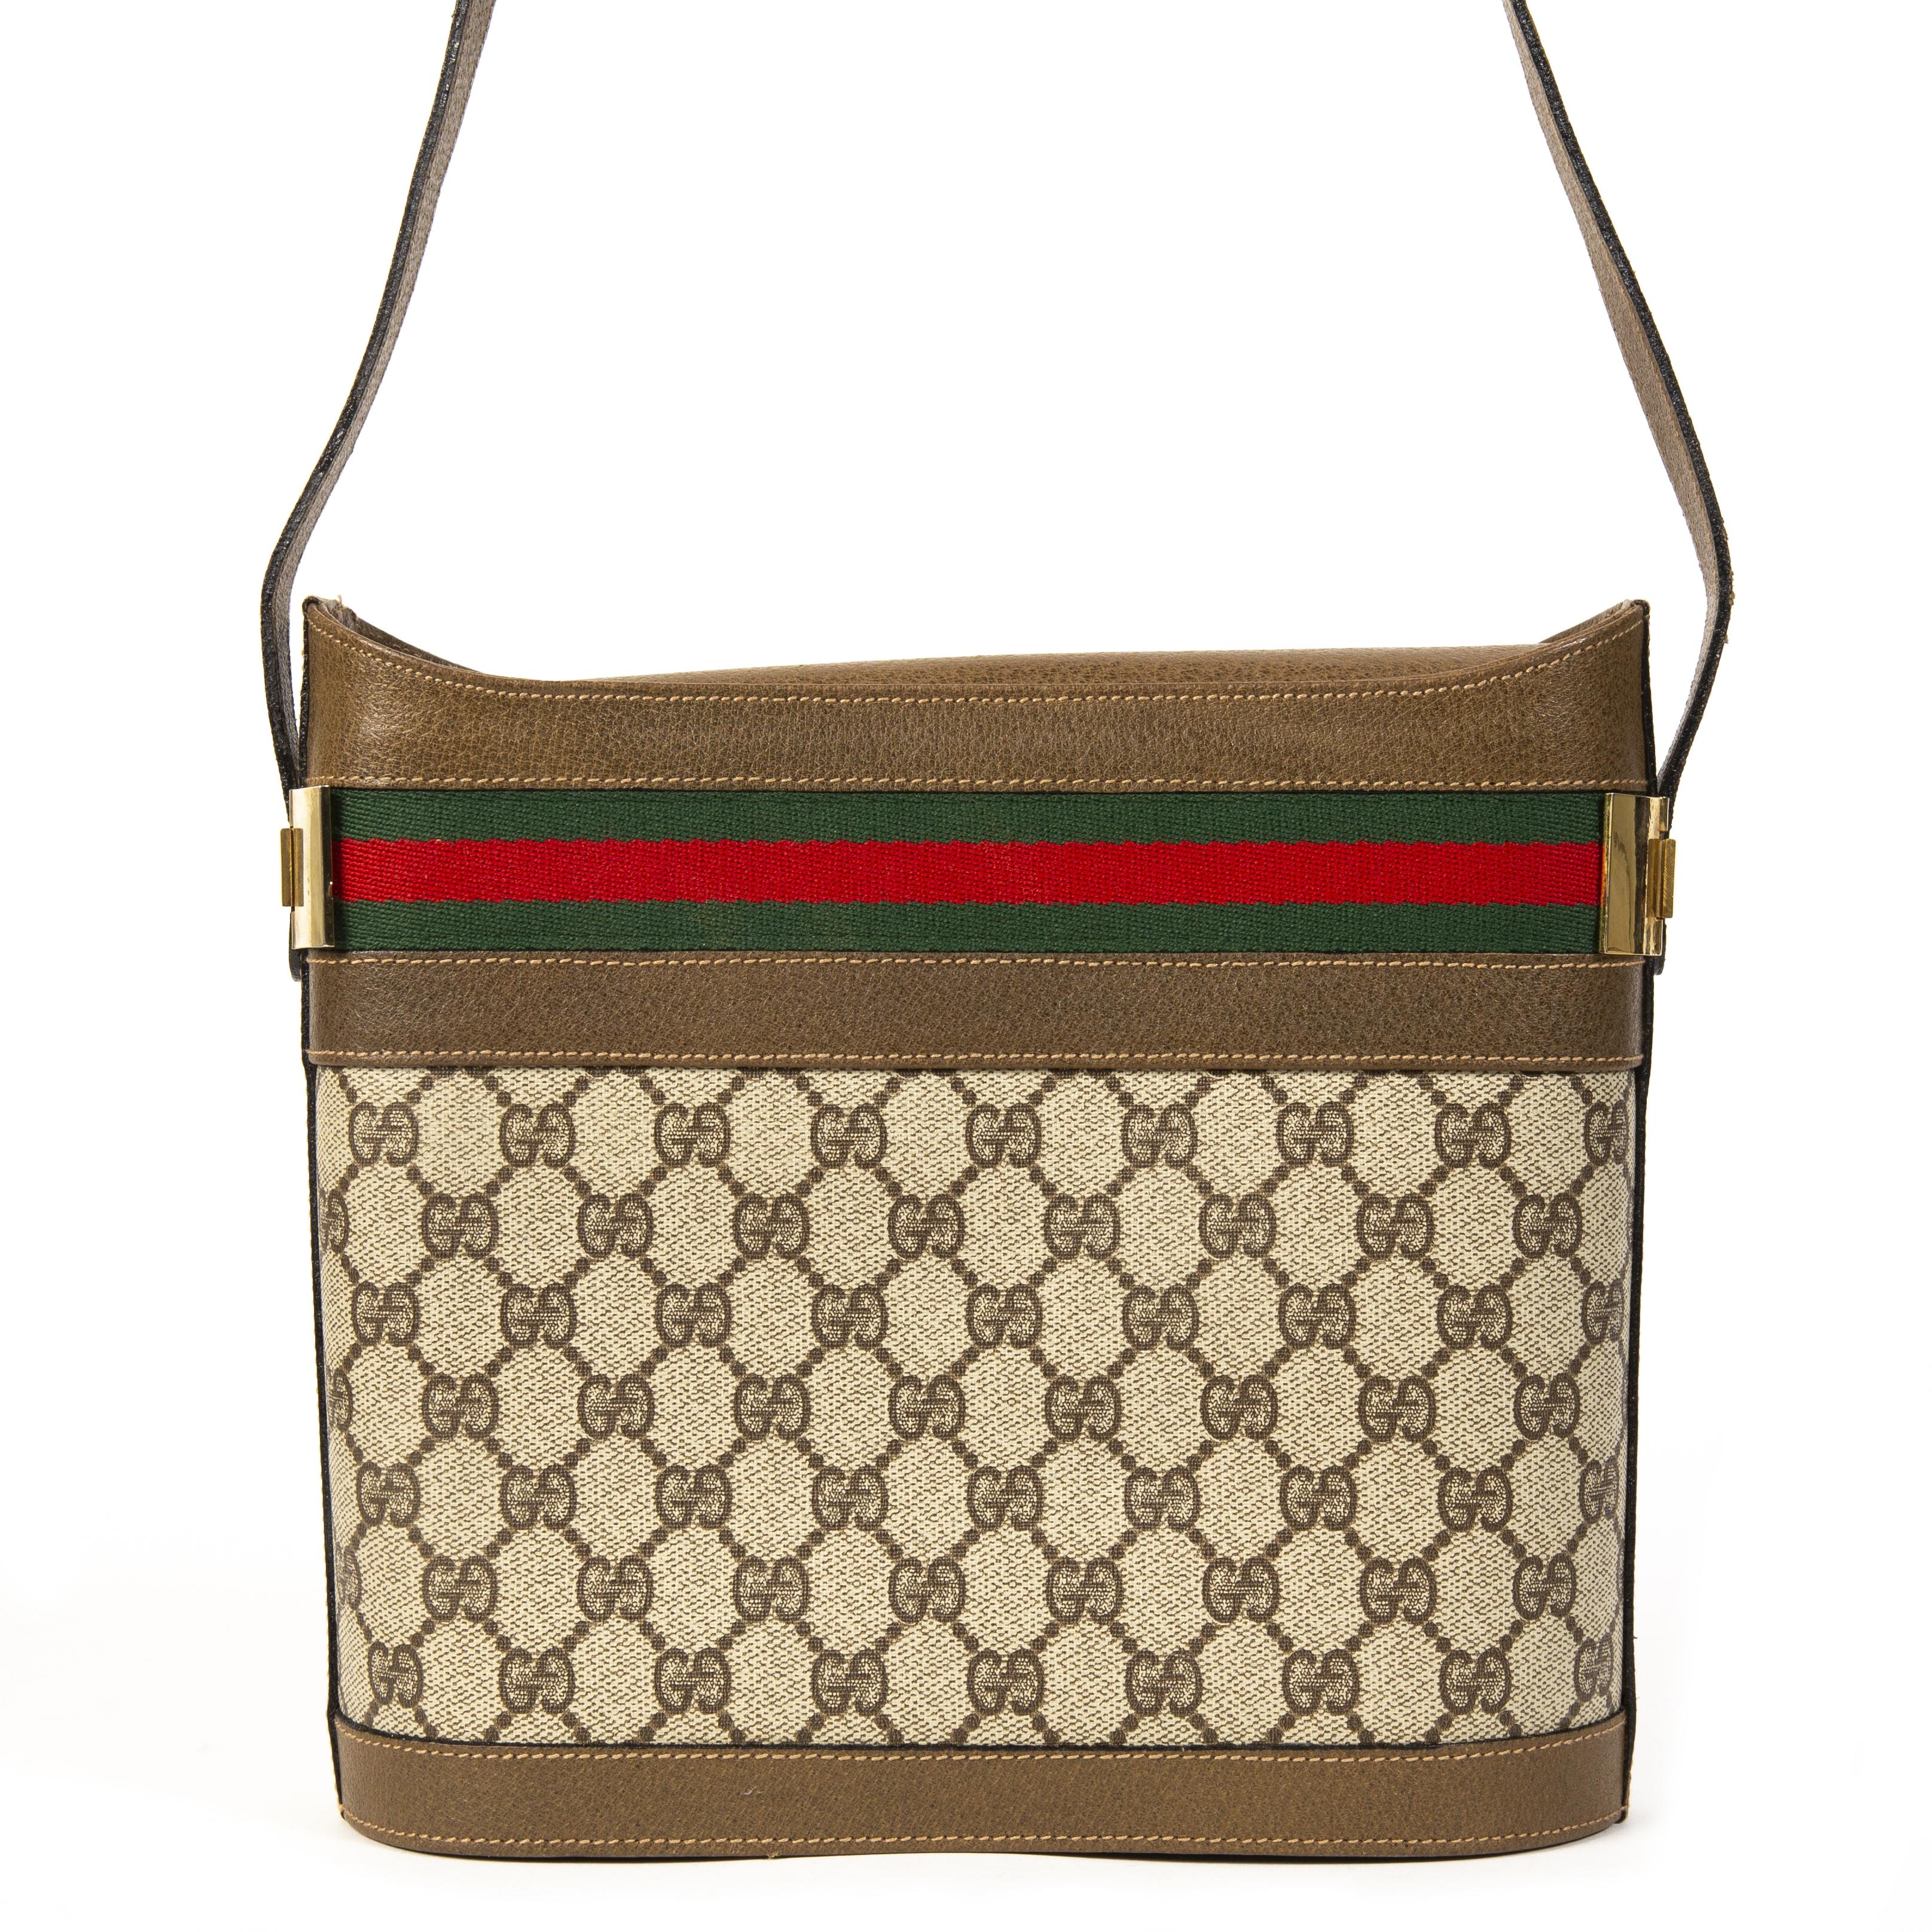 Gucci Vintage Web Monogram Shoulder Bag